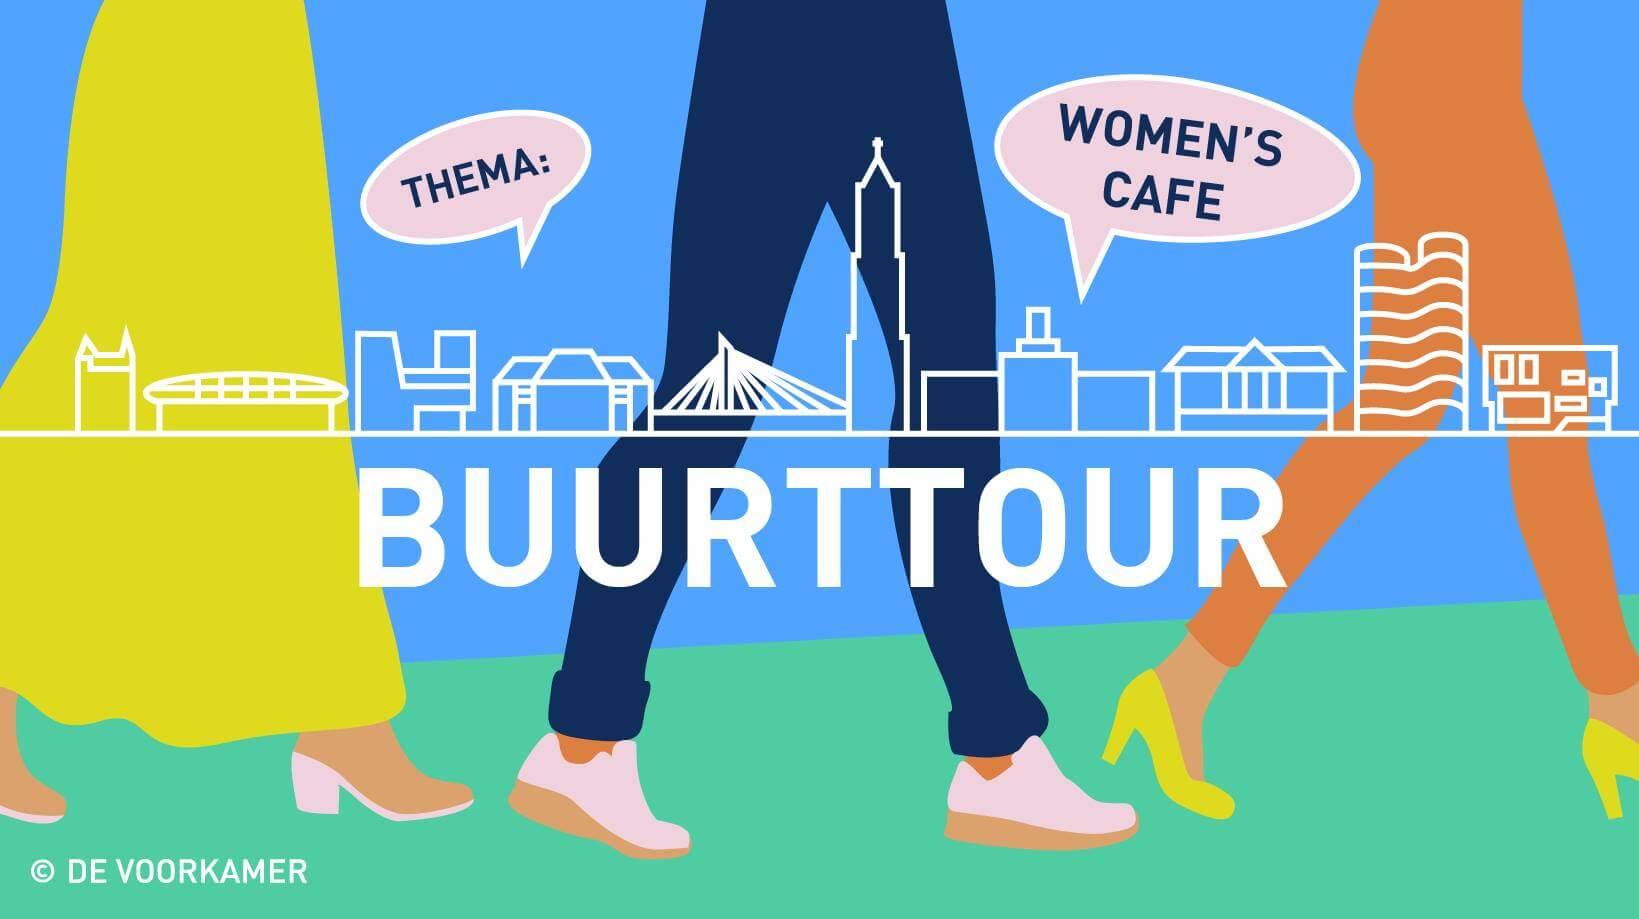 buurttour women cafe